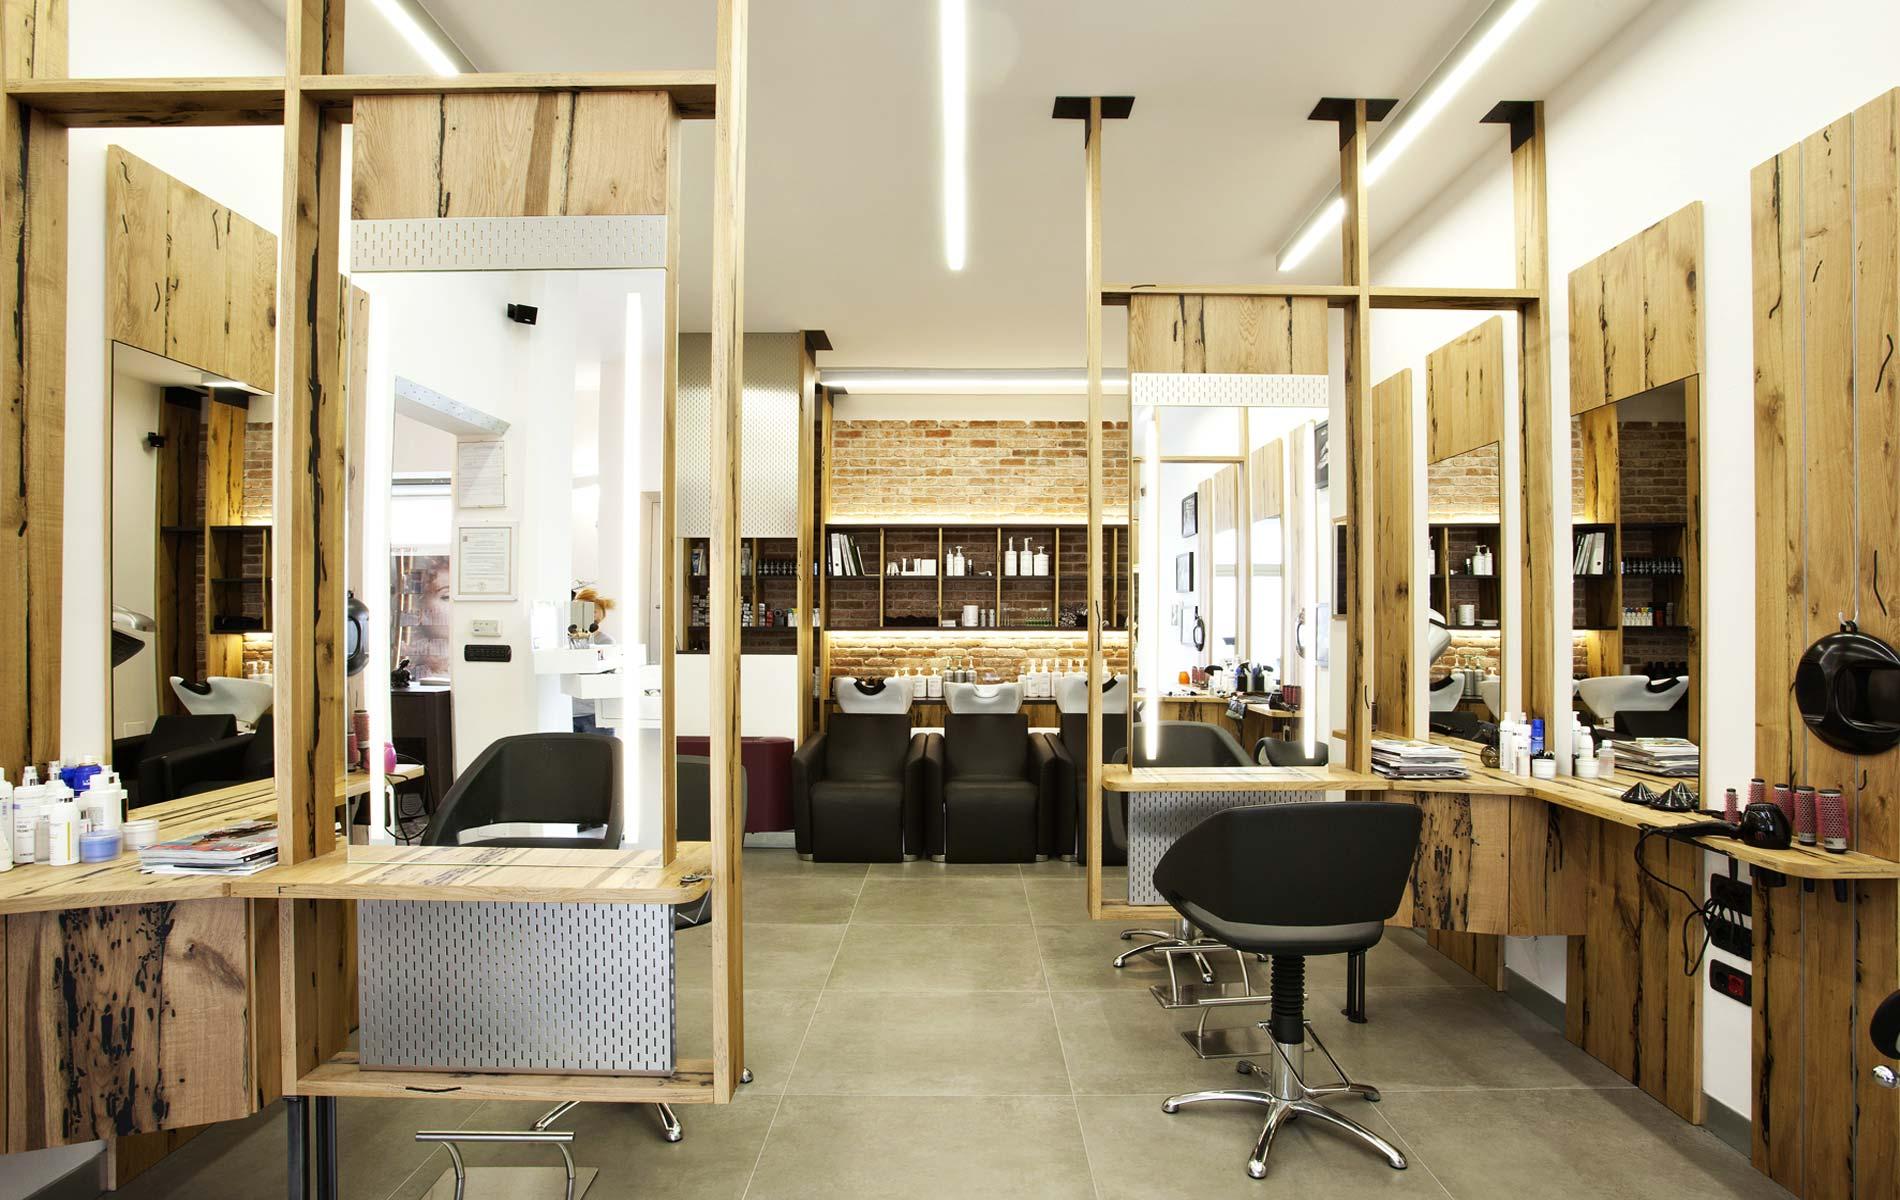 Idee Renovation Salon marco giovinazzo - architect and designer in lecce area